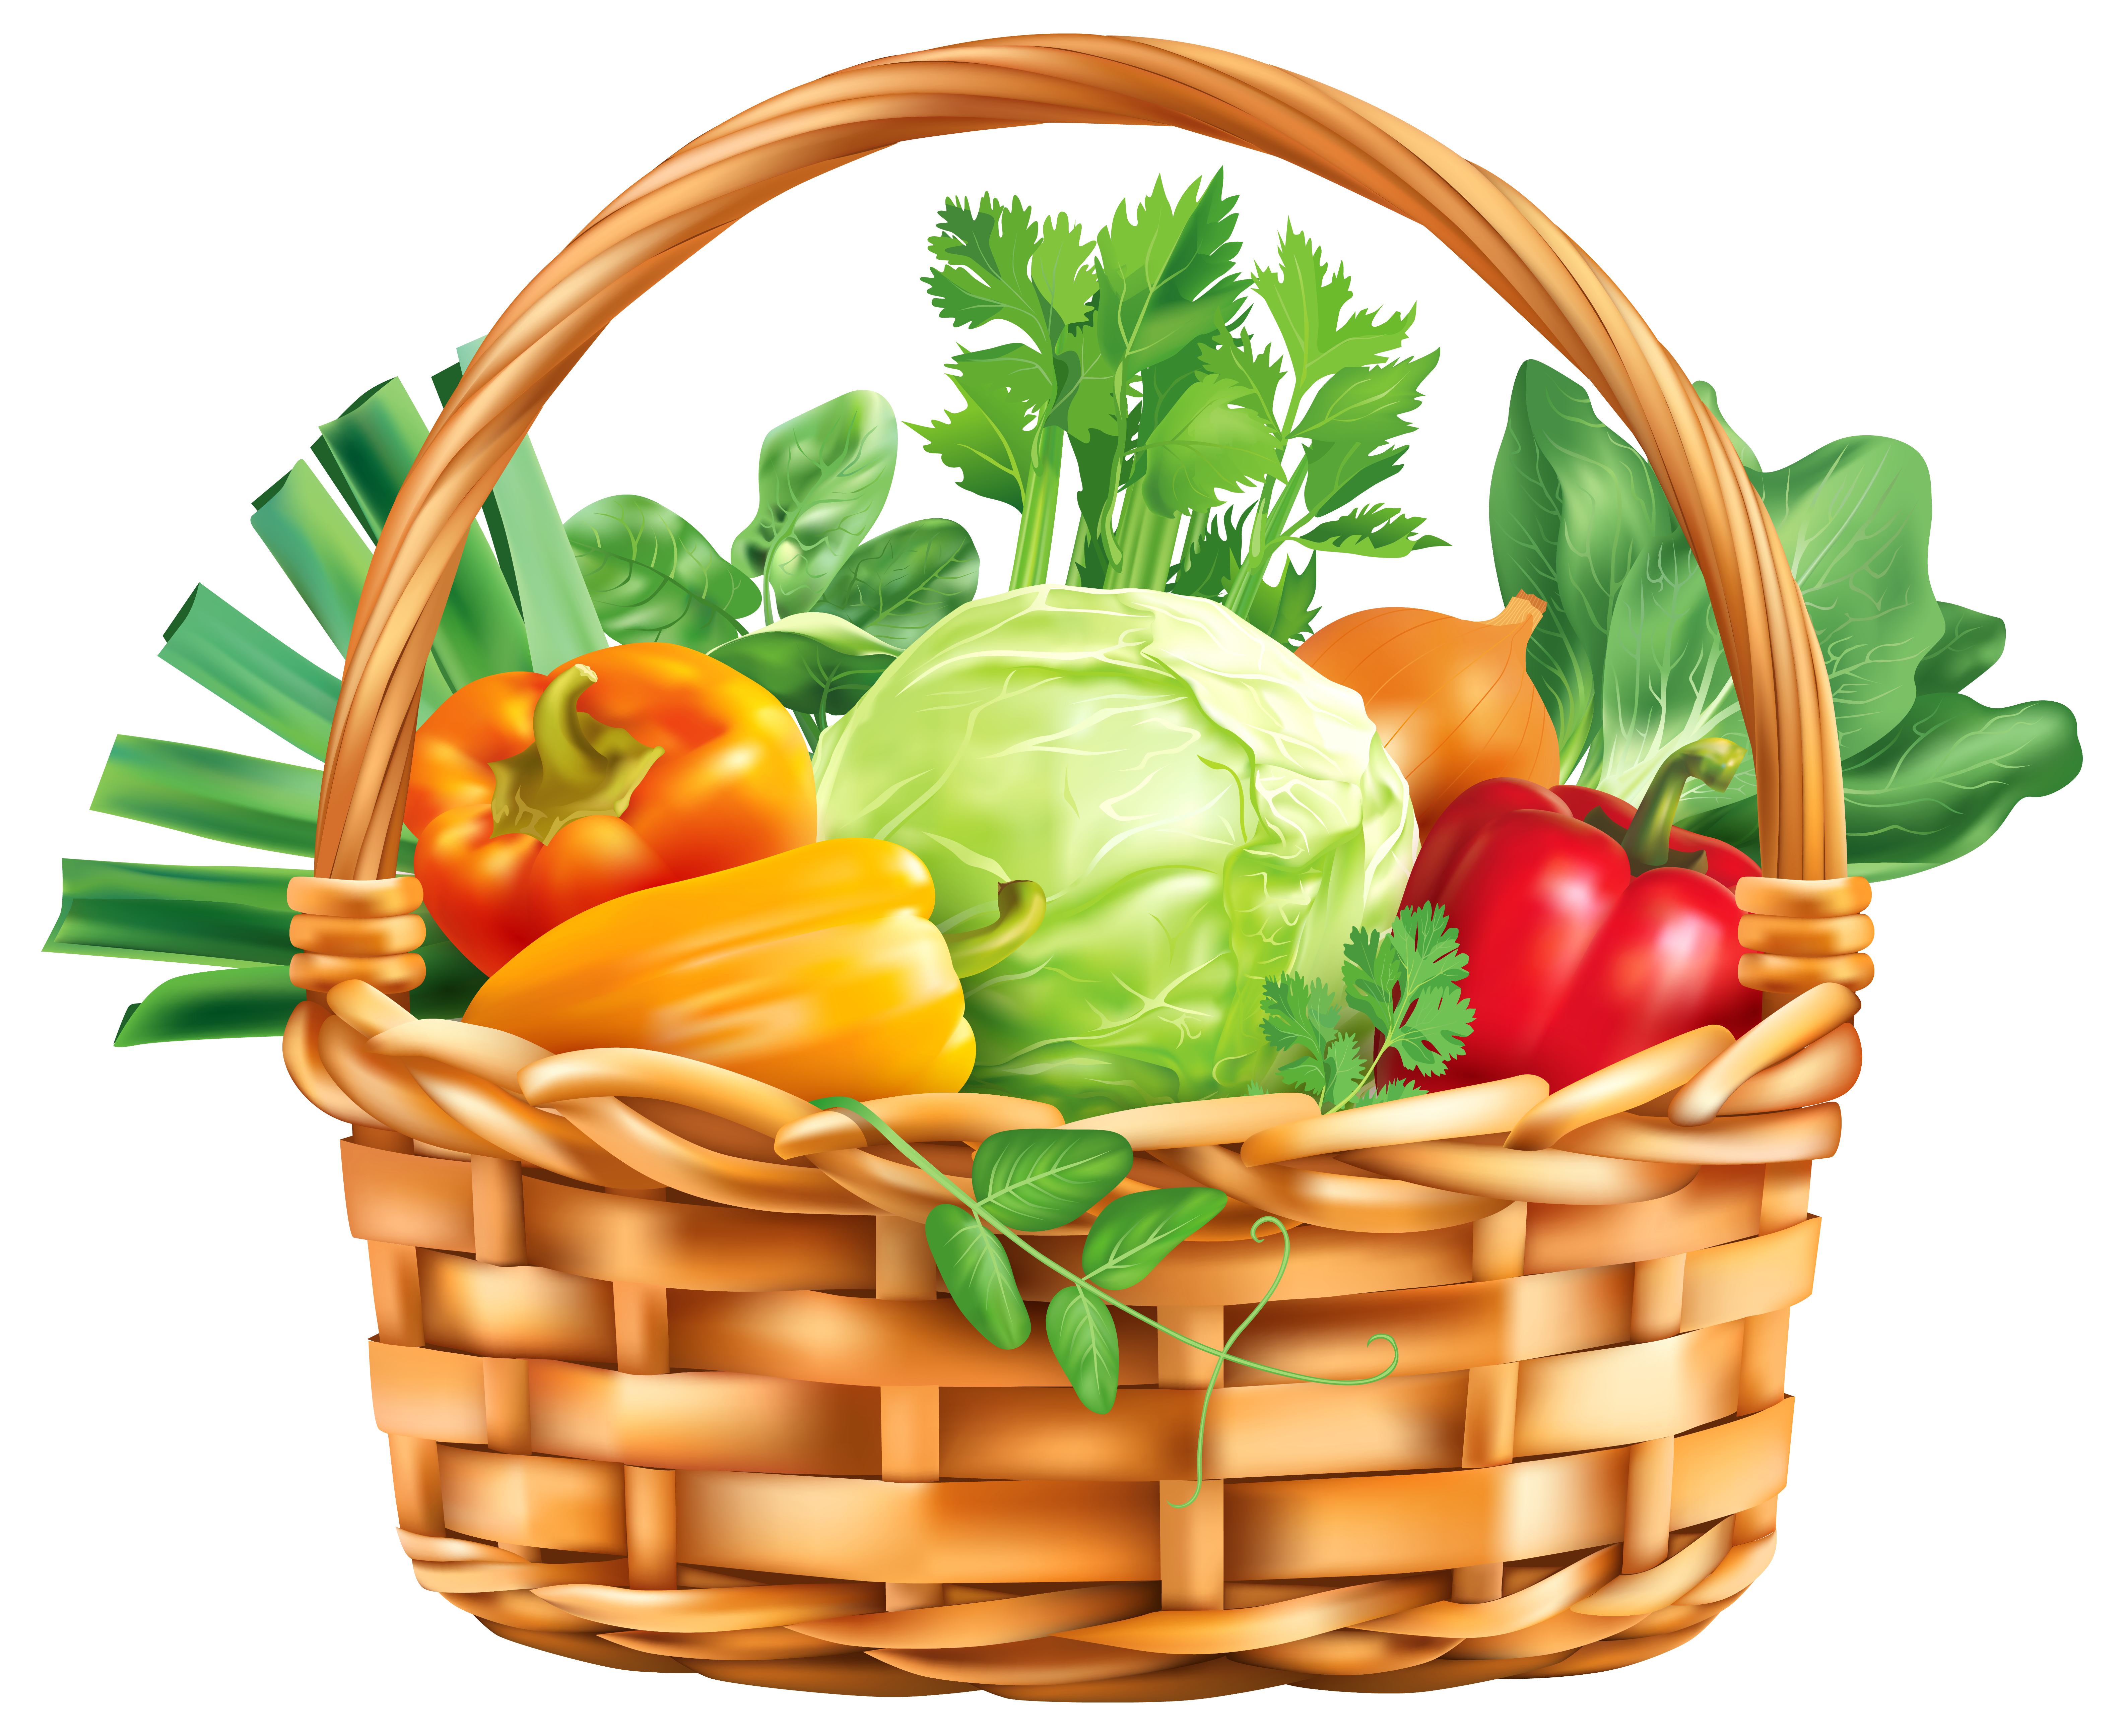 Clipart vegetables wallpaper. Vegitable basket png image